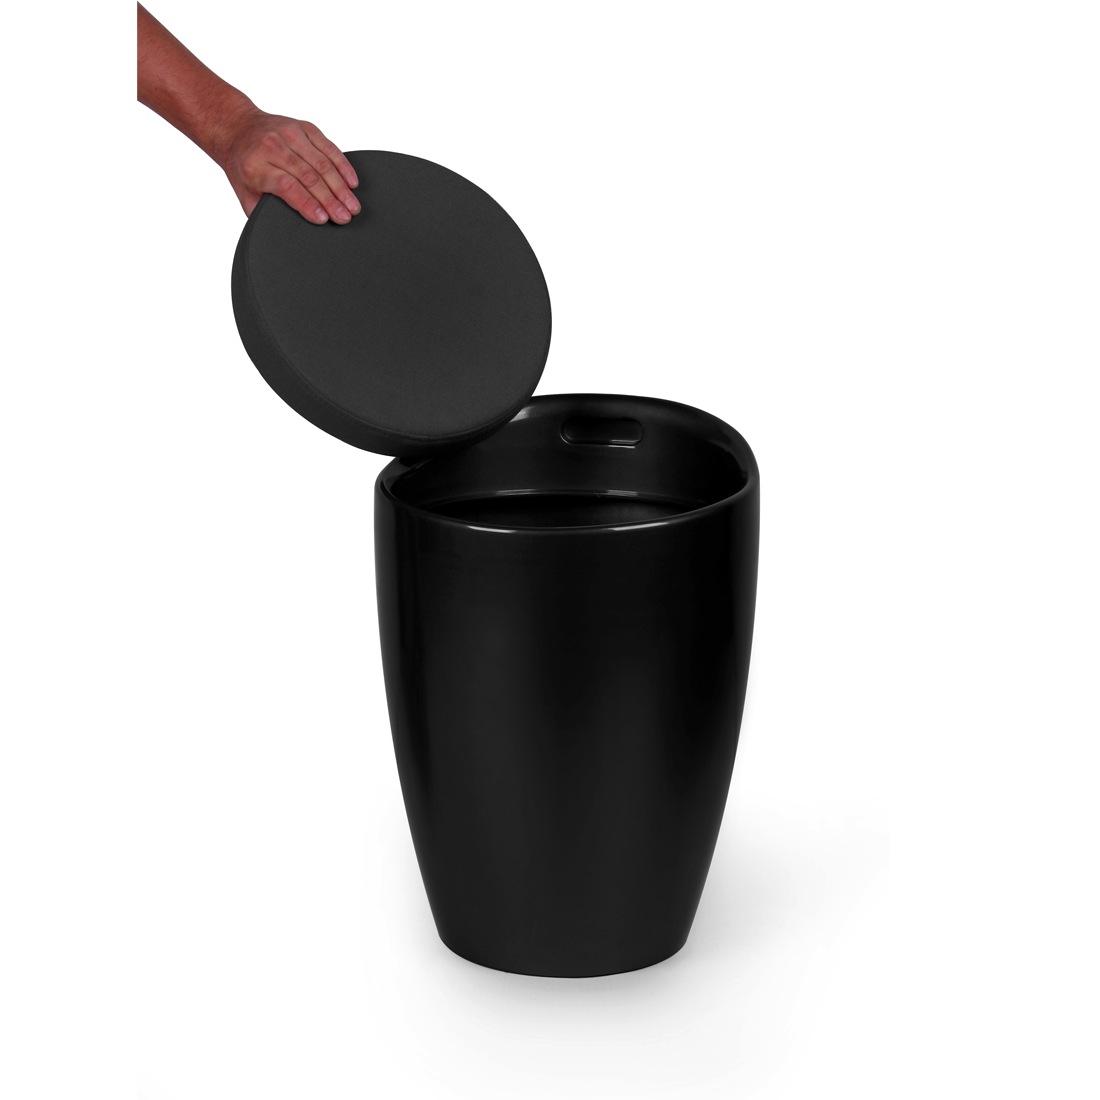 hoker harvey czarny furnitive homeware outlet. Black Bedroom Furniture Sets. Home Design Ideas